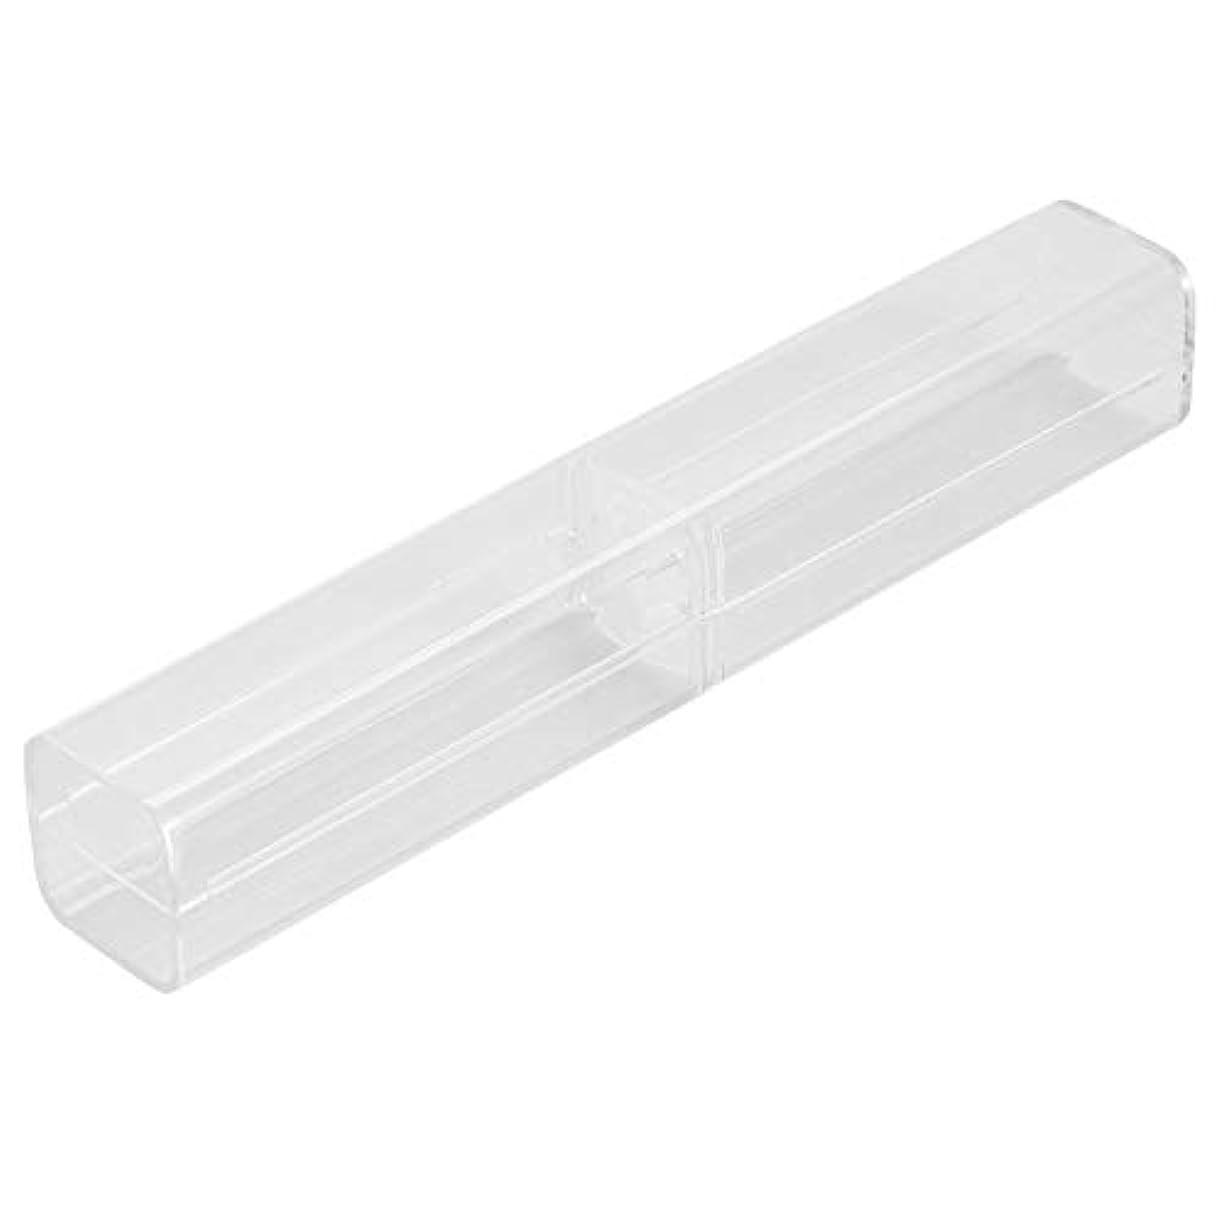 借りるモノグラフポルトガル語1ピース収納ボックス - 手動ペン眉毛タトゥークリアケース透明収納ボックス、収納ボックス - タトゥーコンテナ